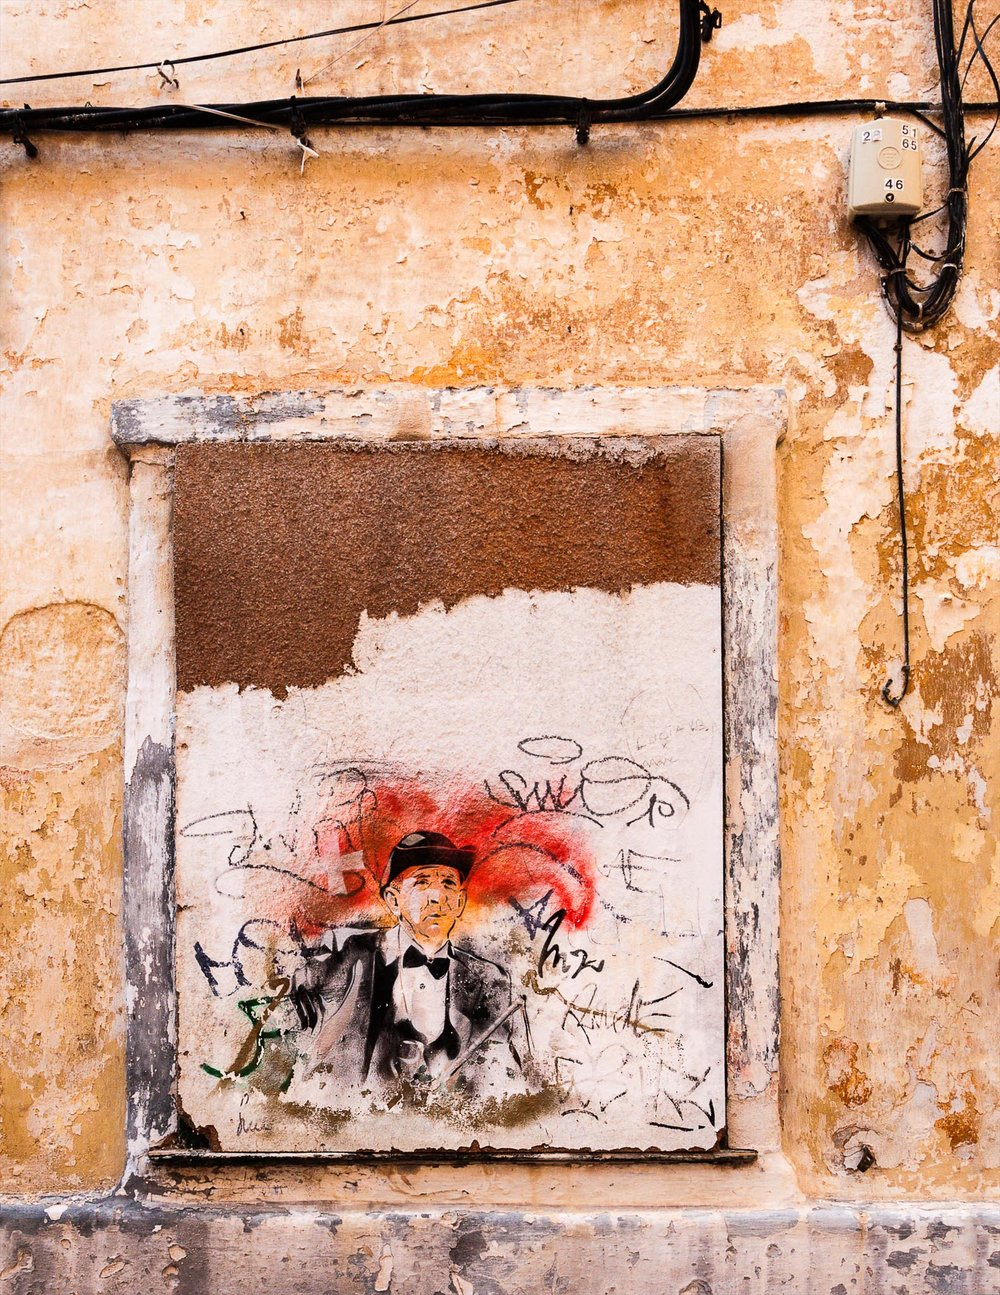 Menorcan_Graffiti_PrintReady.jpg